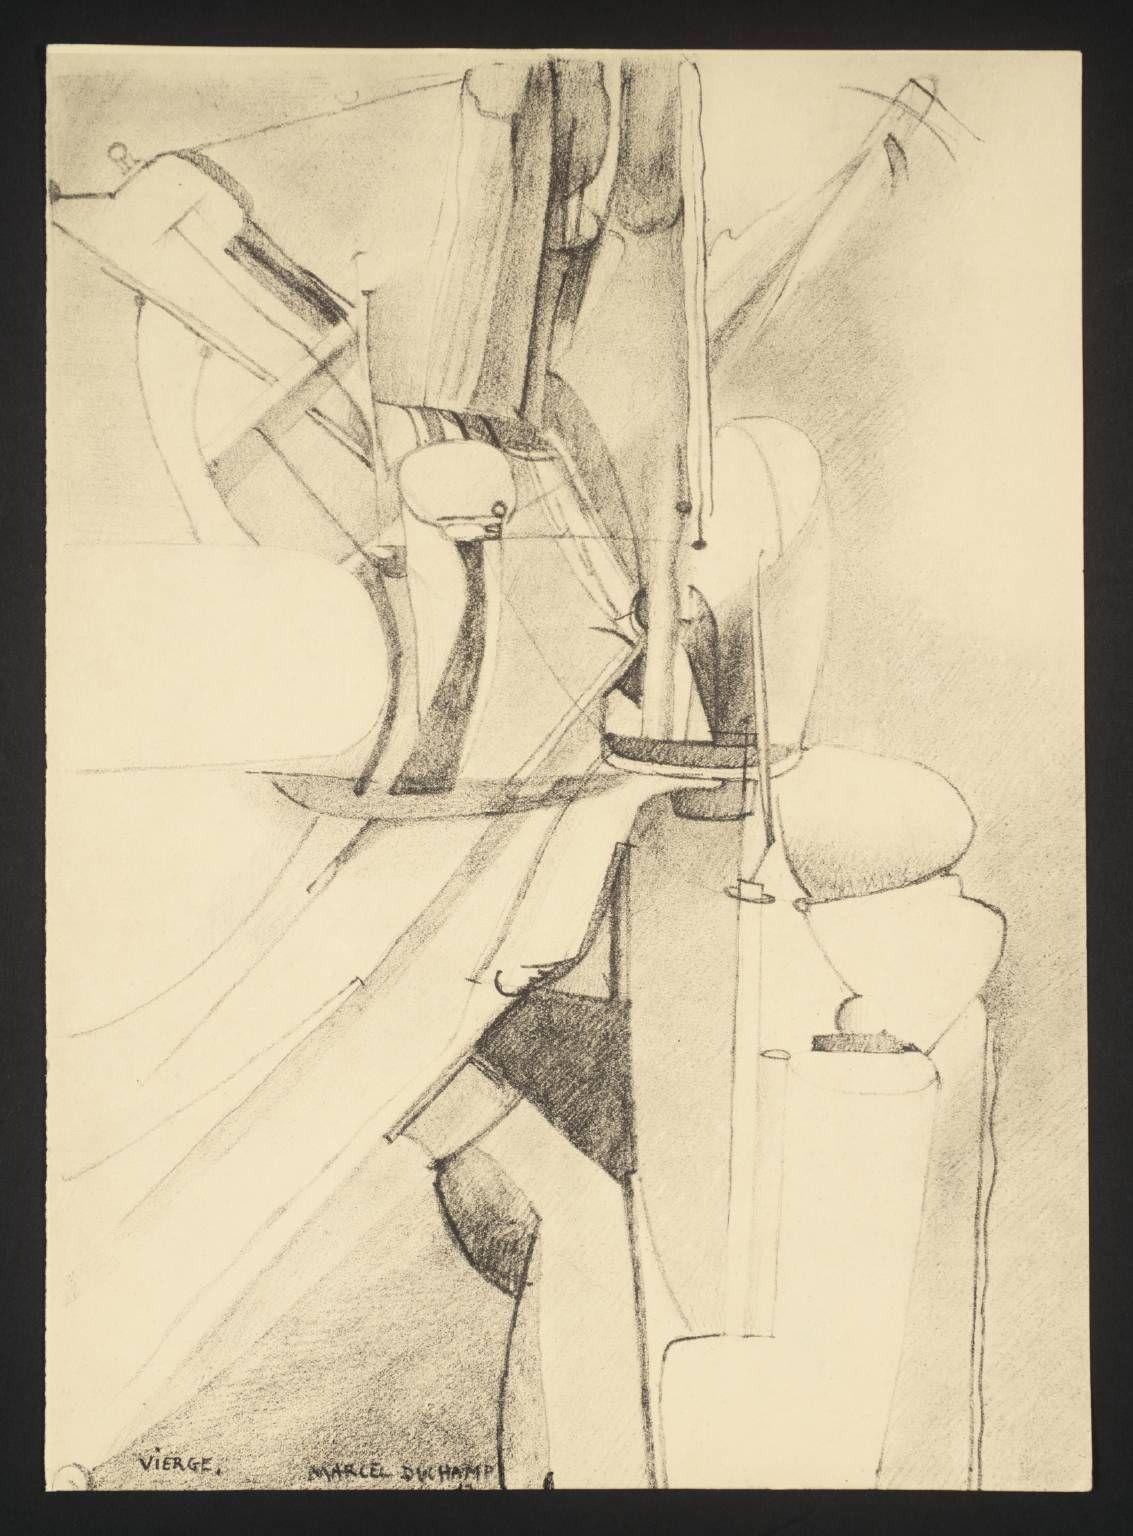 Marcel Duchamp, Vierge